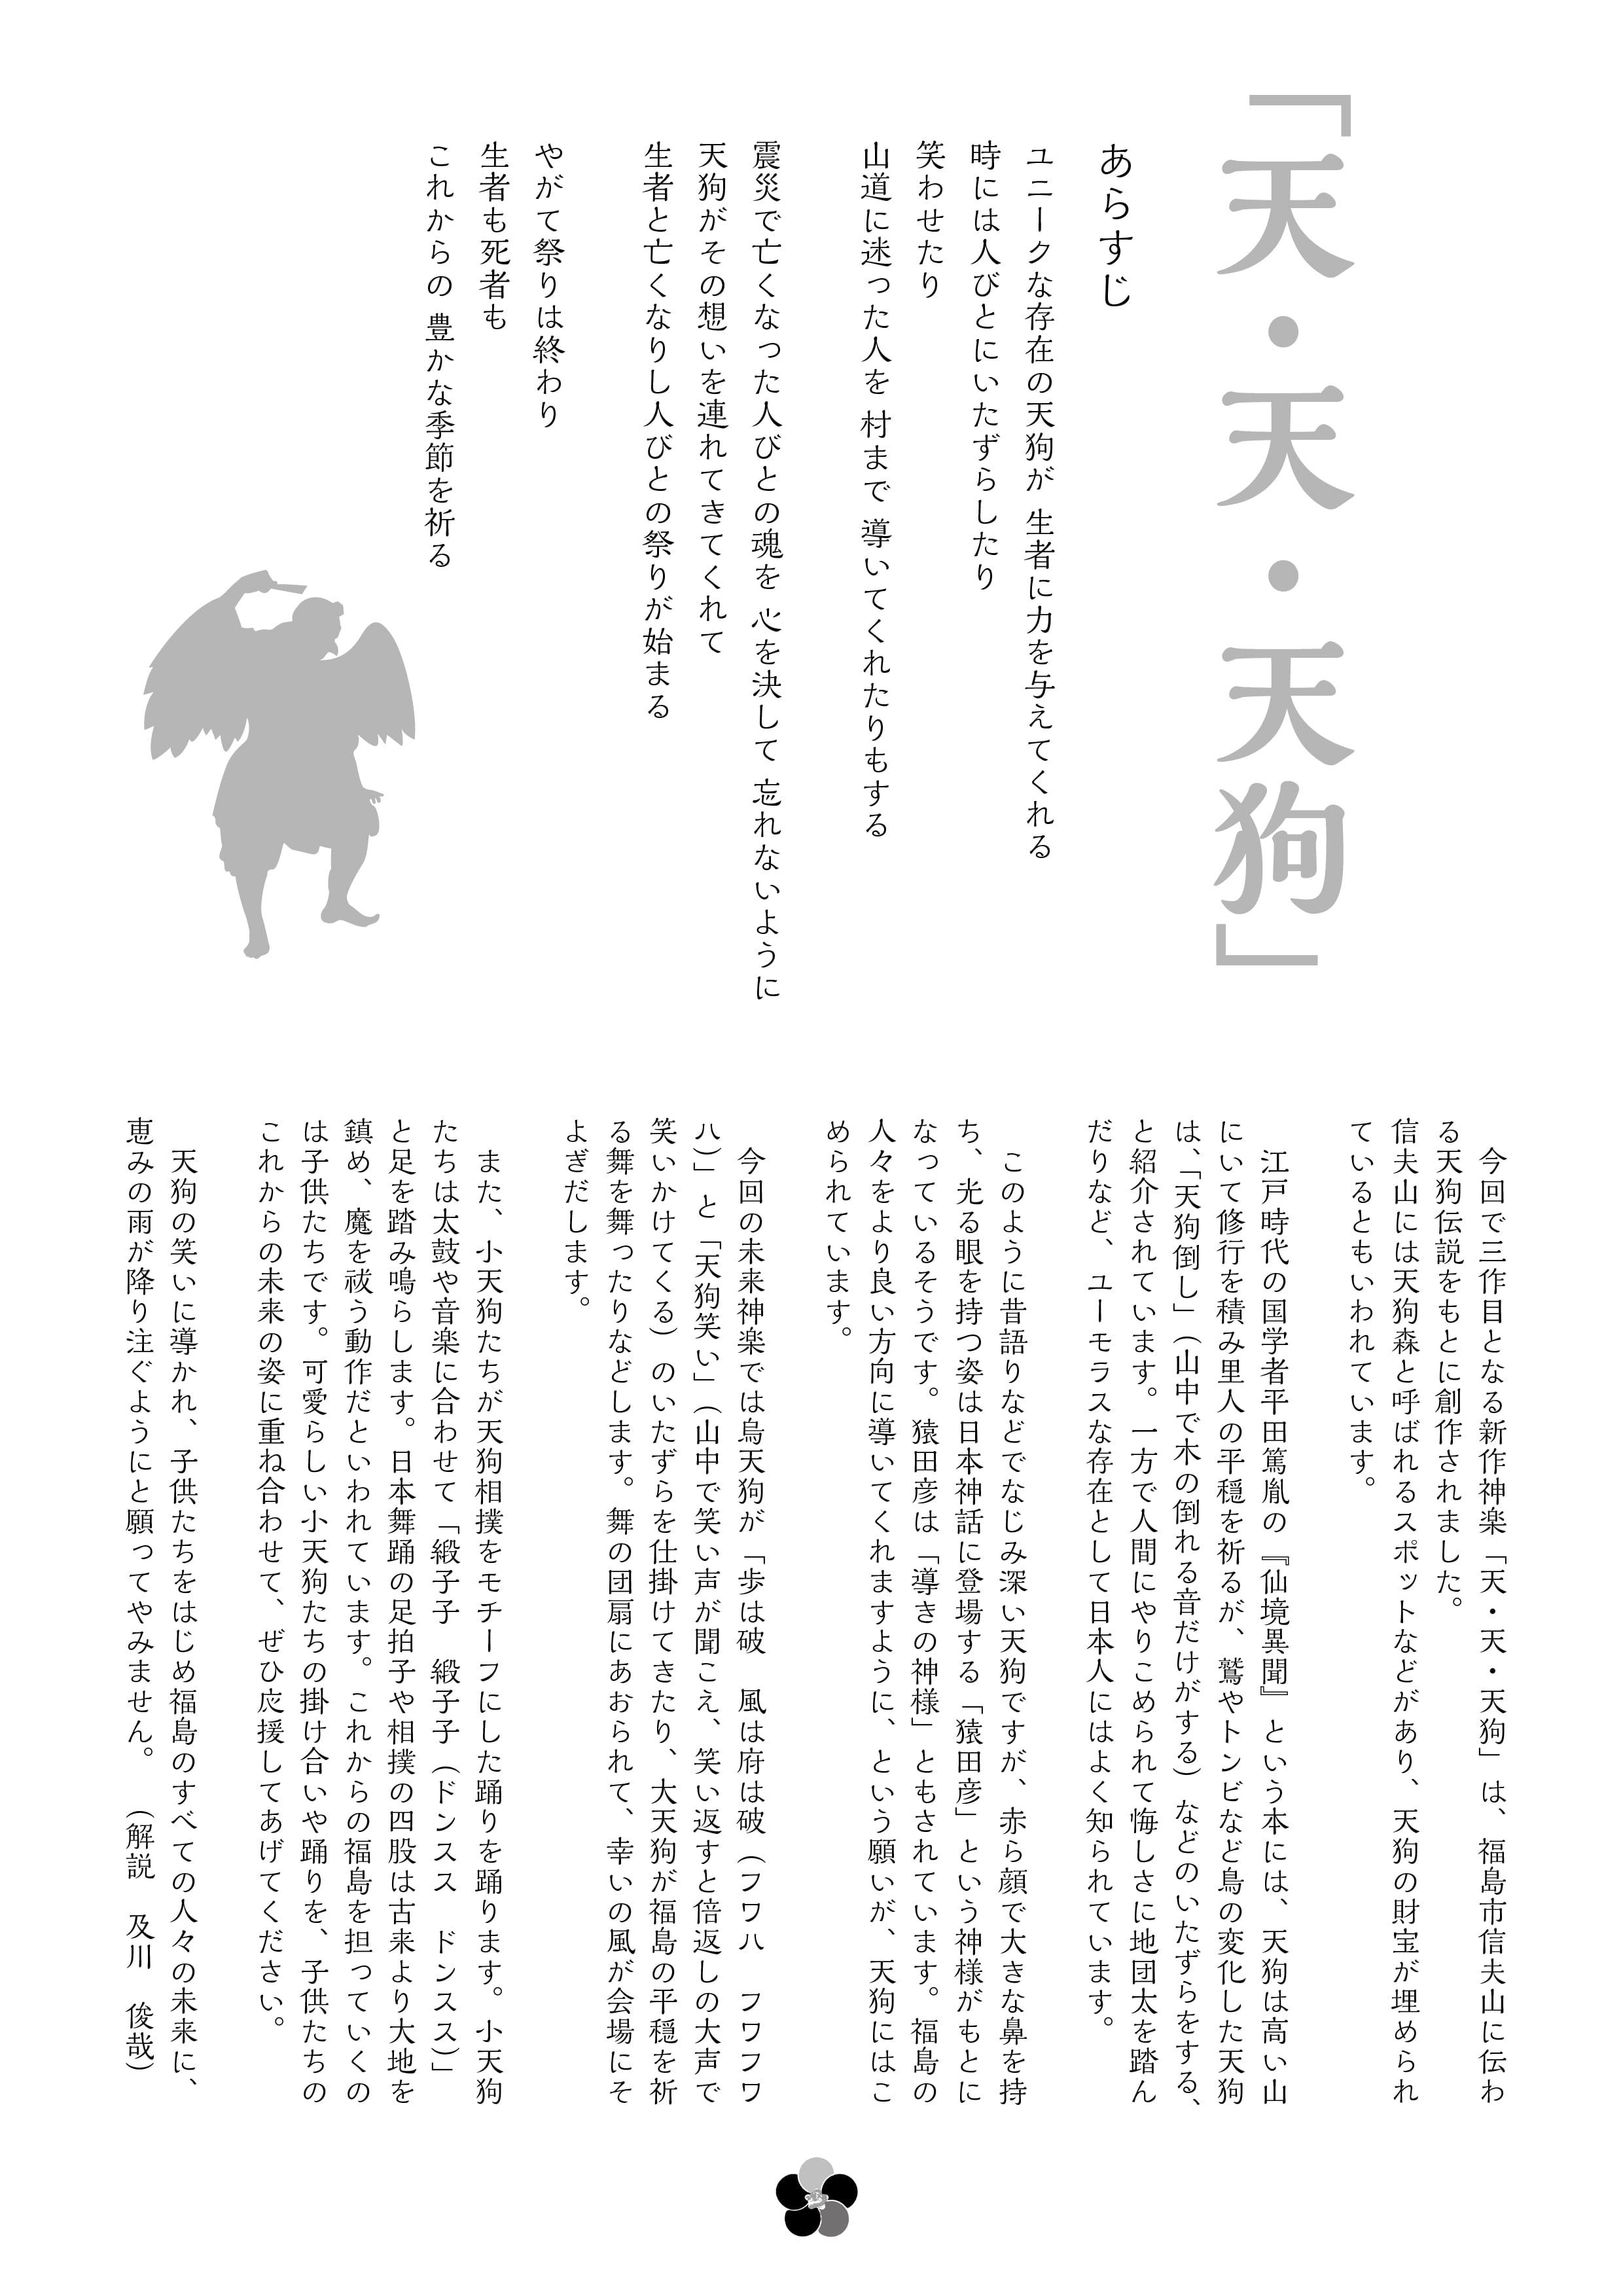 ふくしま未来神楽2016あらすじと解説